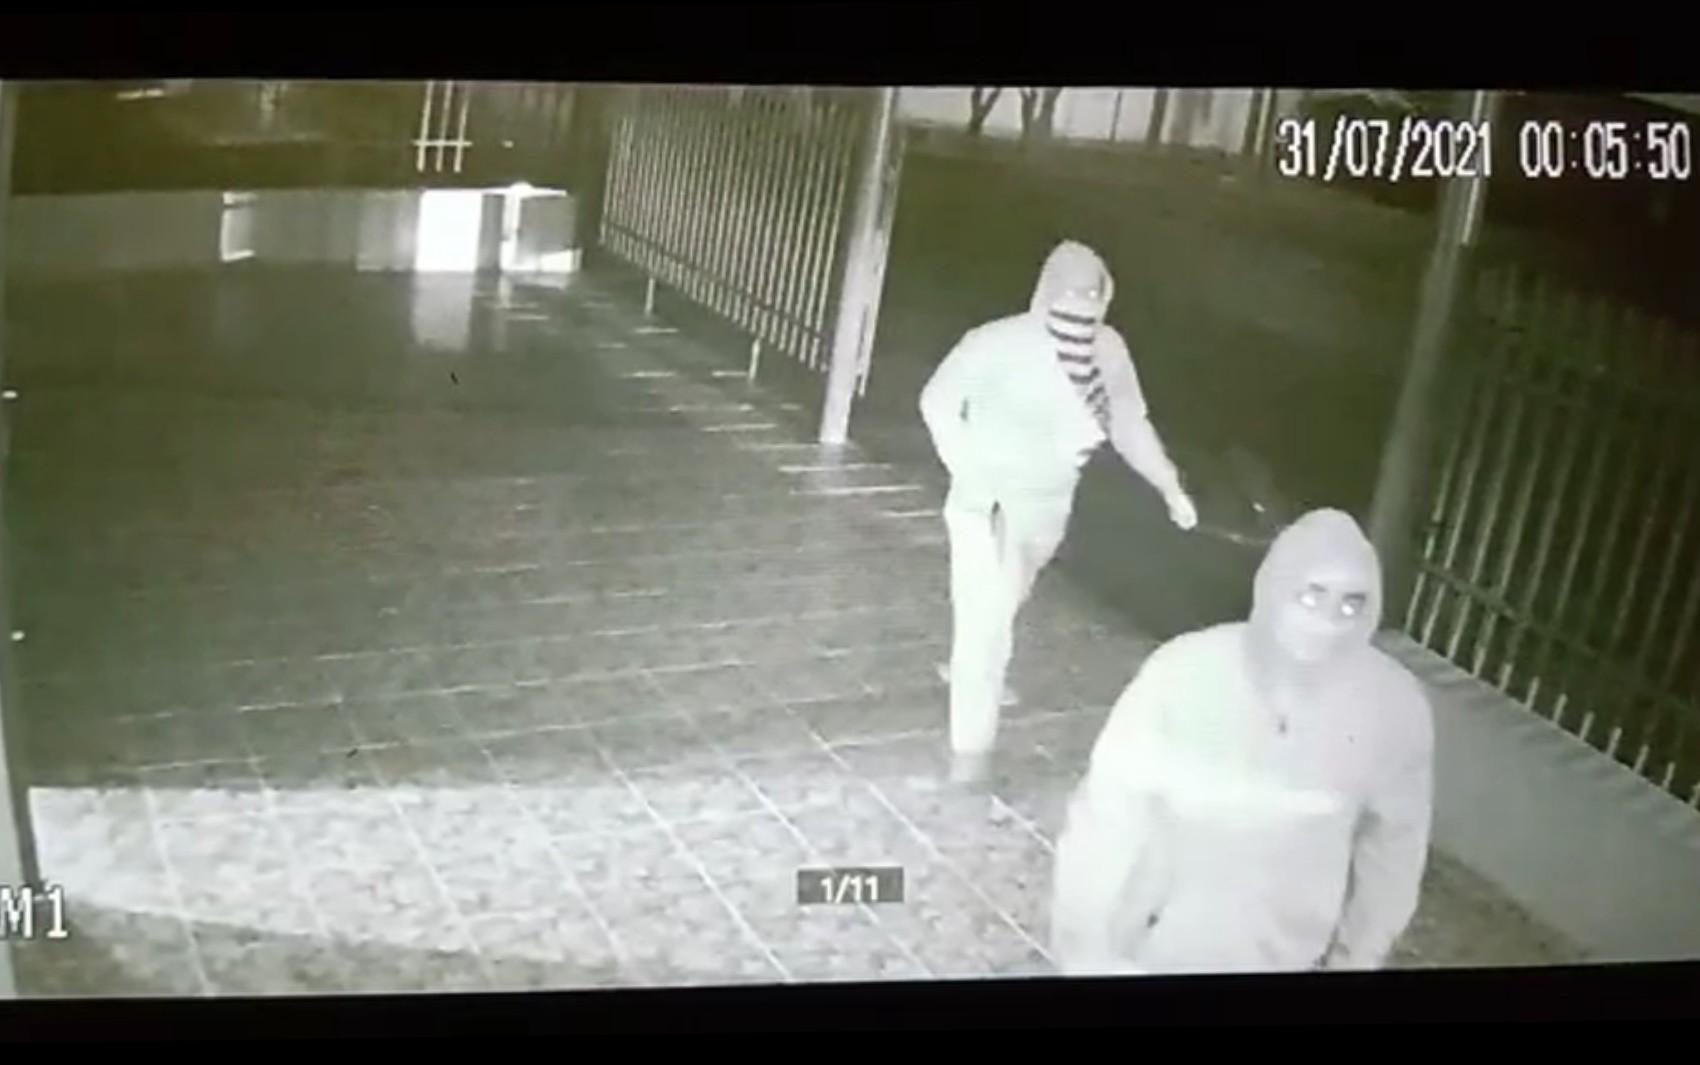 Dois homens armados invadem lanchonete e agridem funcionário em Santa Helena de Goiás; vídeo